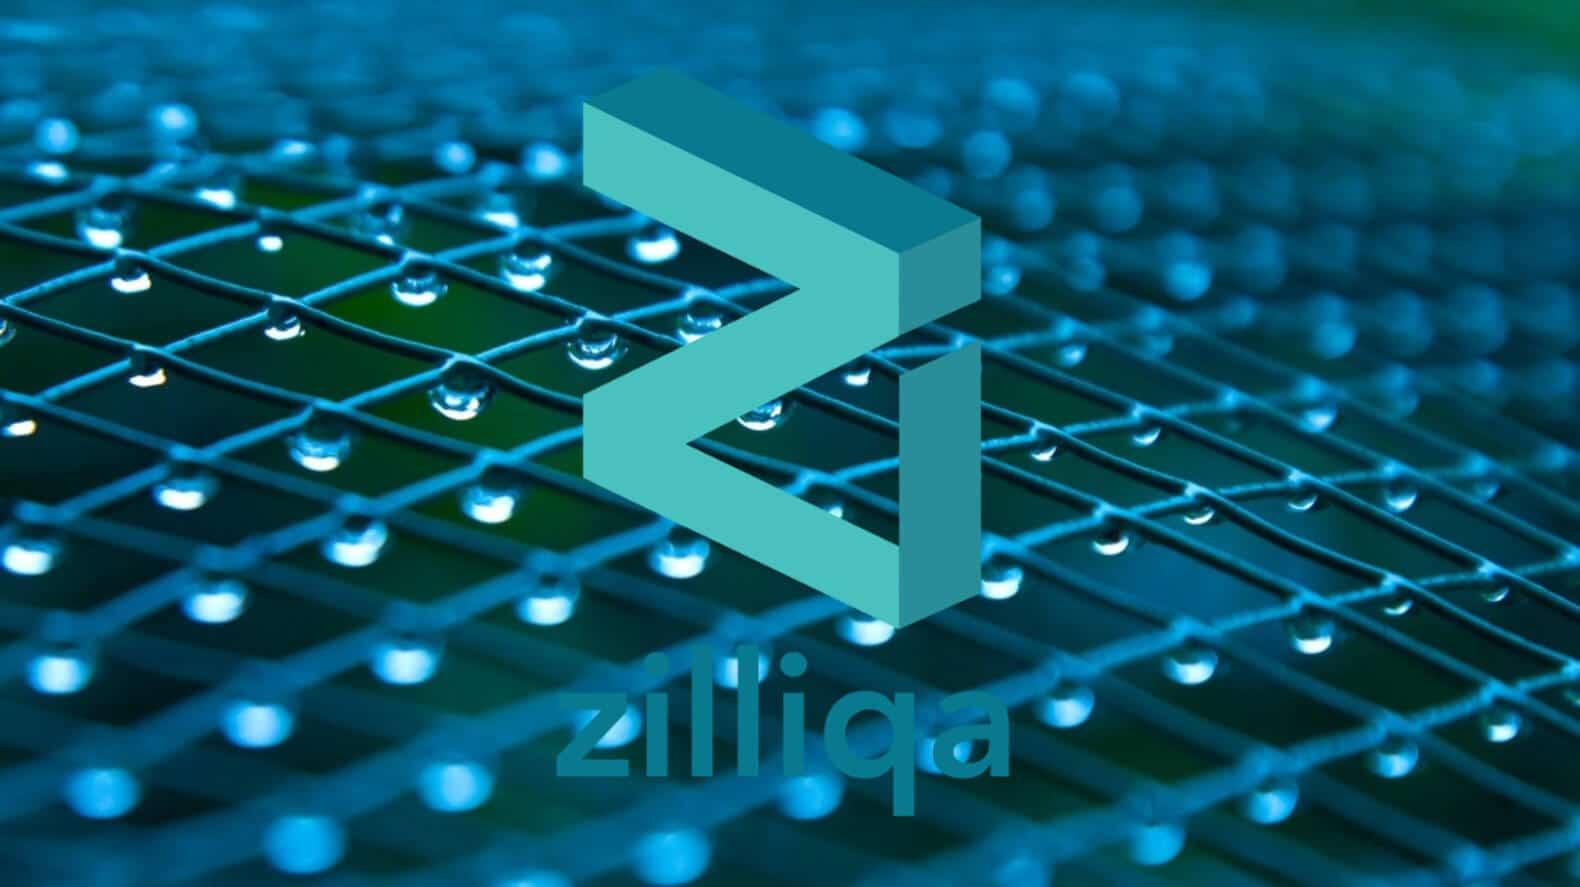 I certificati arrivano sulla blockchain di Zilliqa